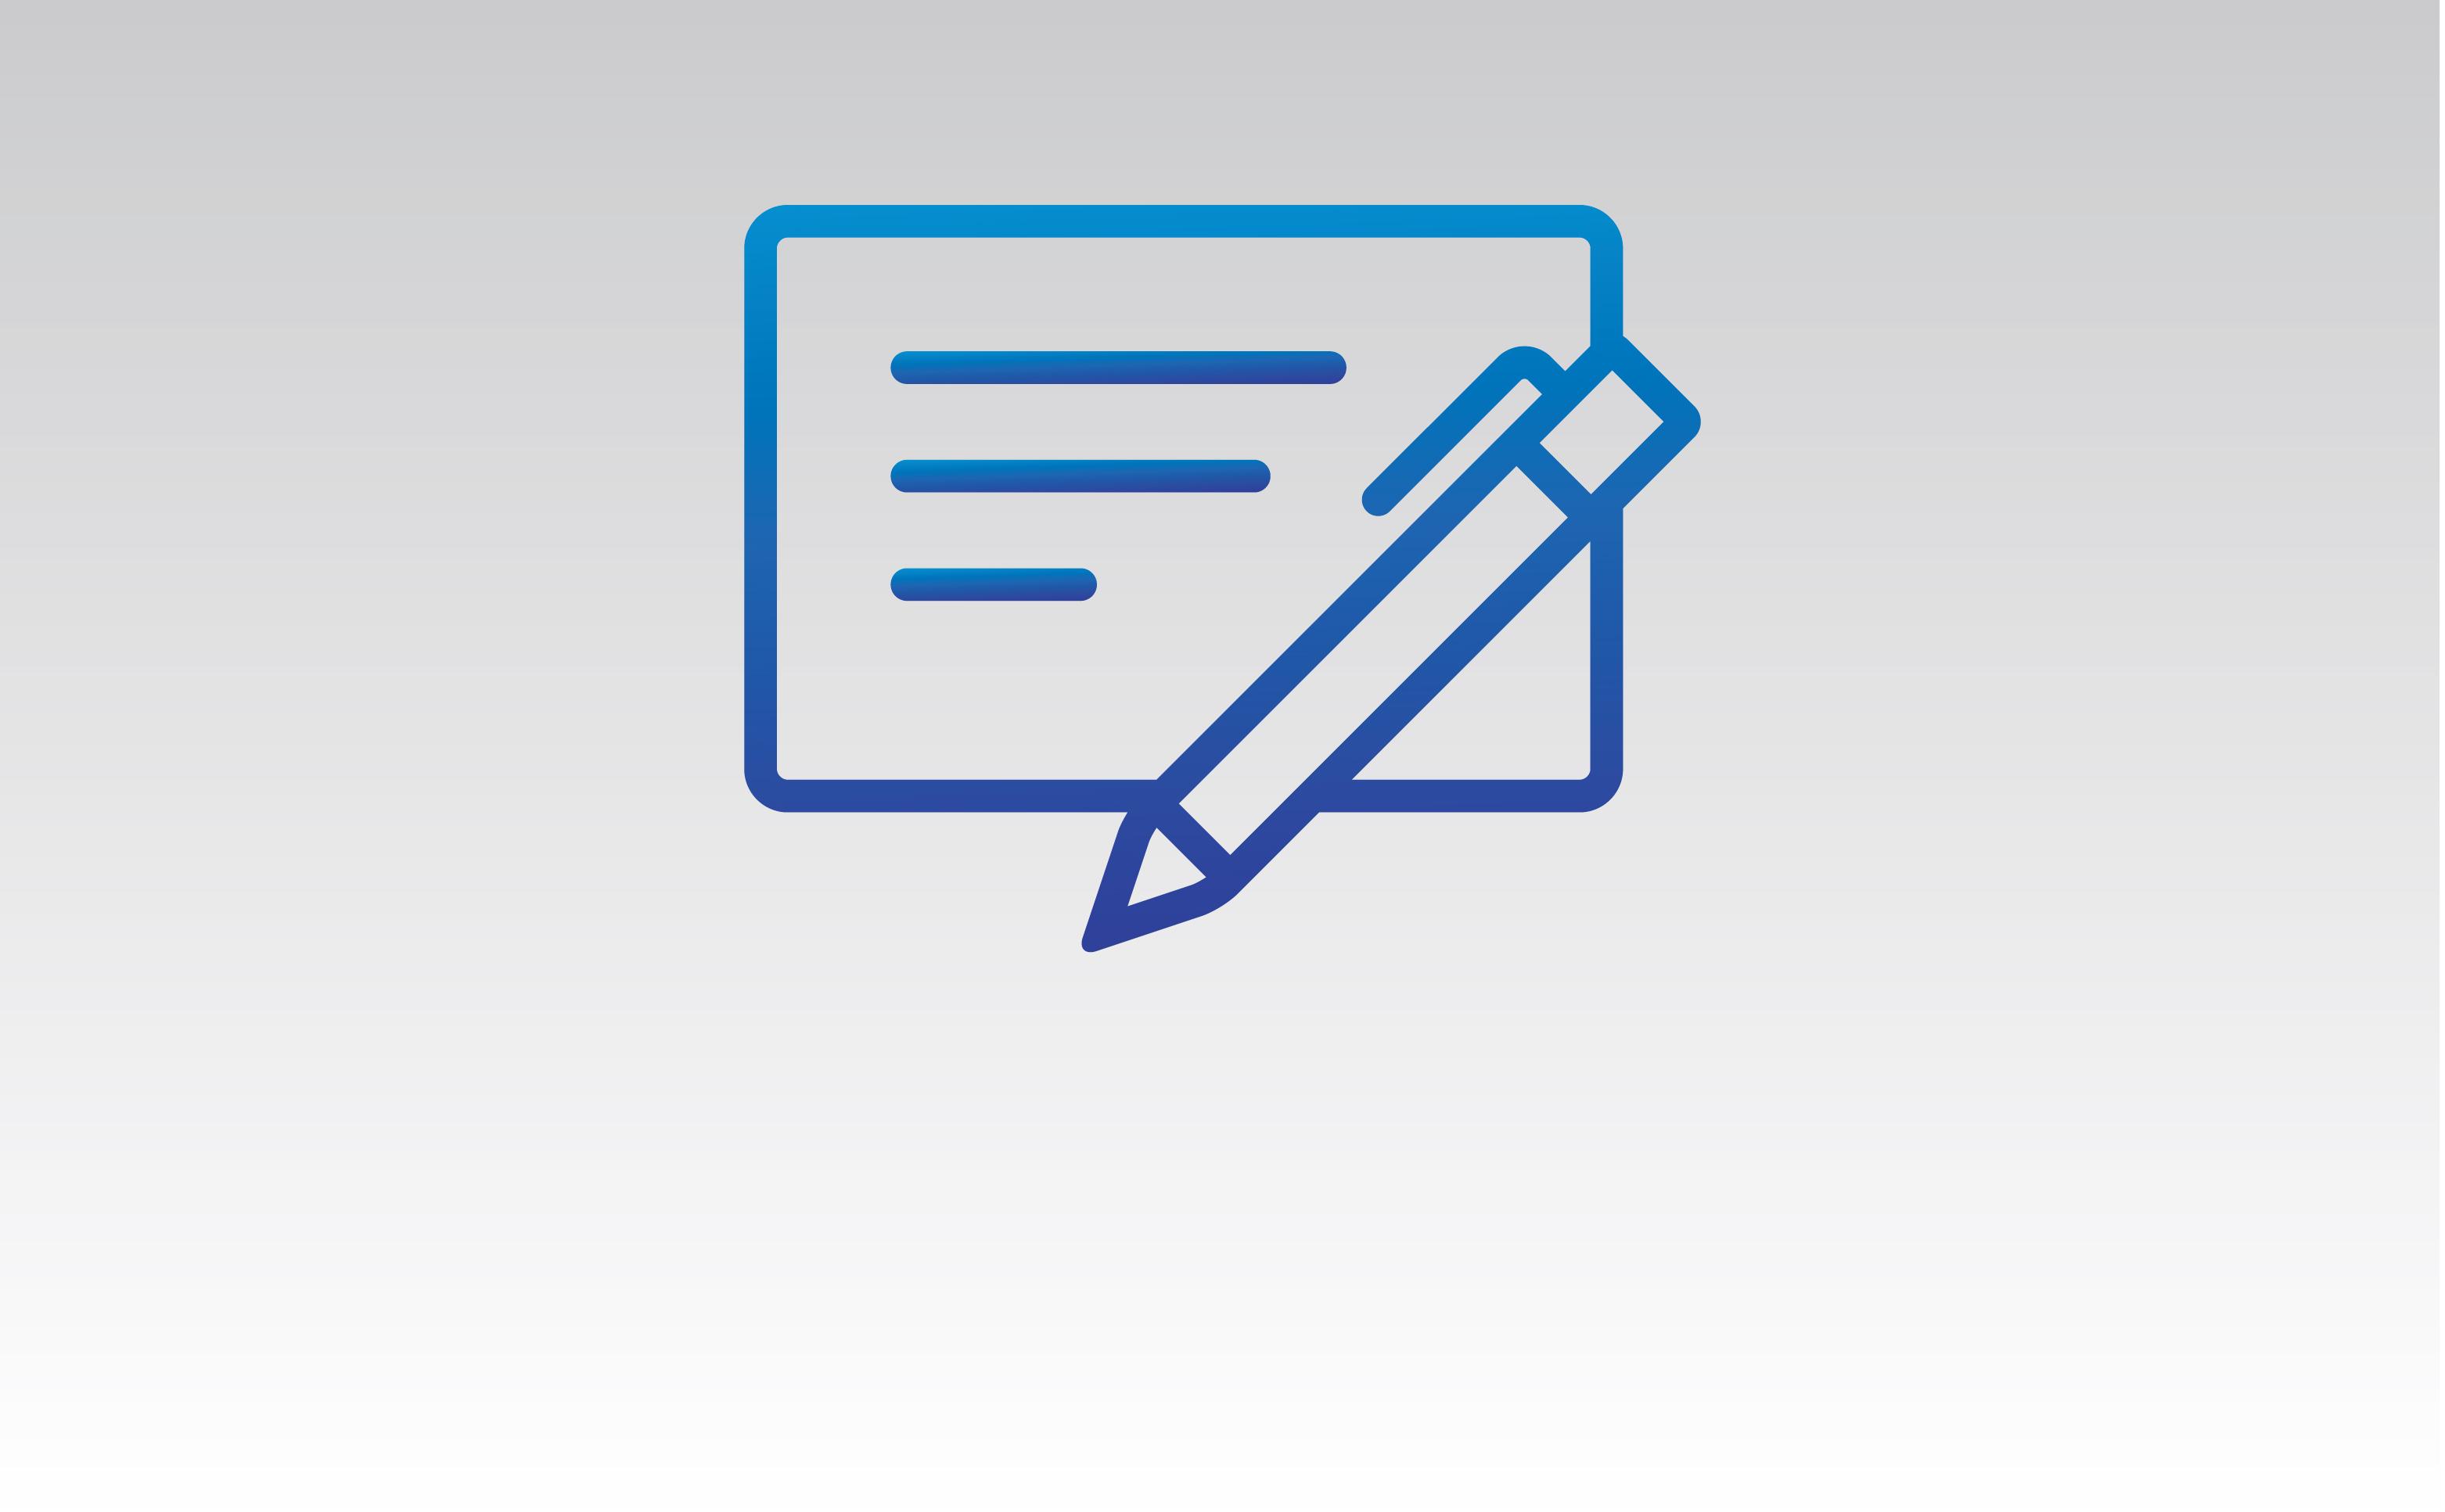 Teec essay writing